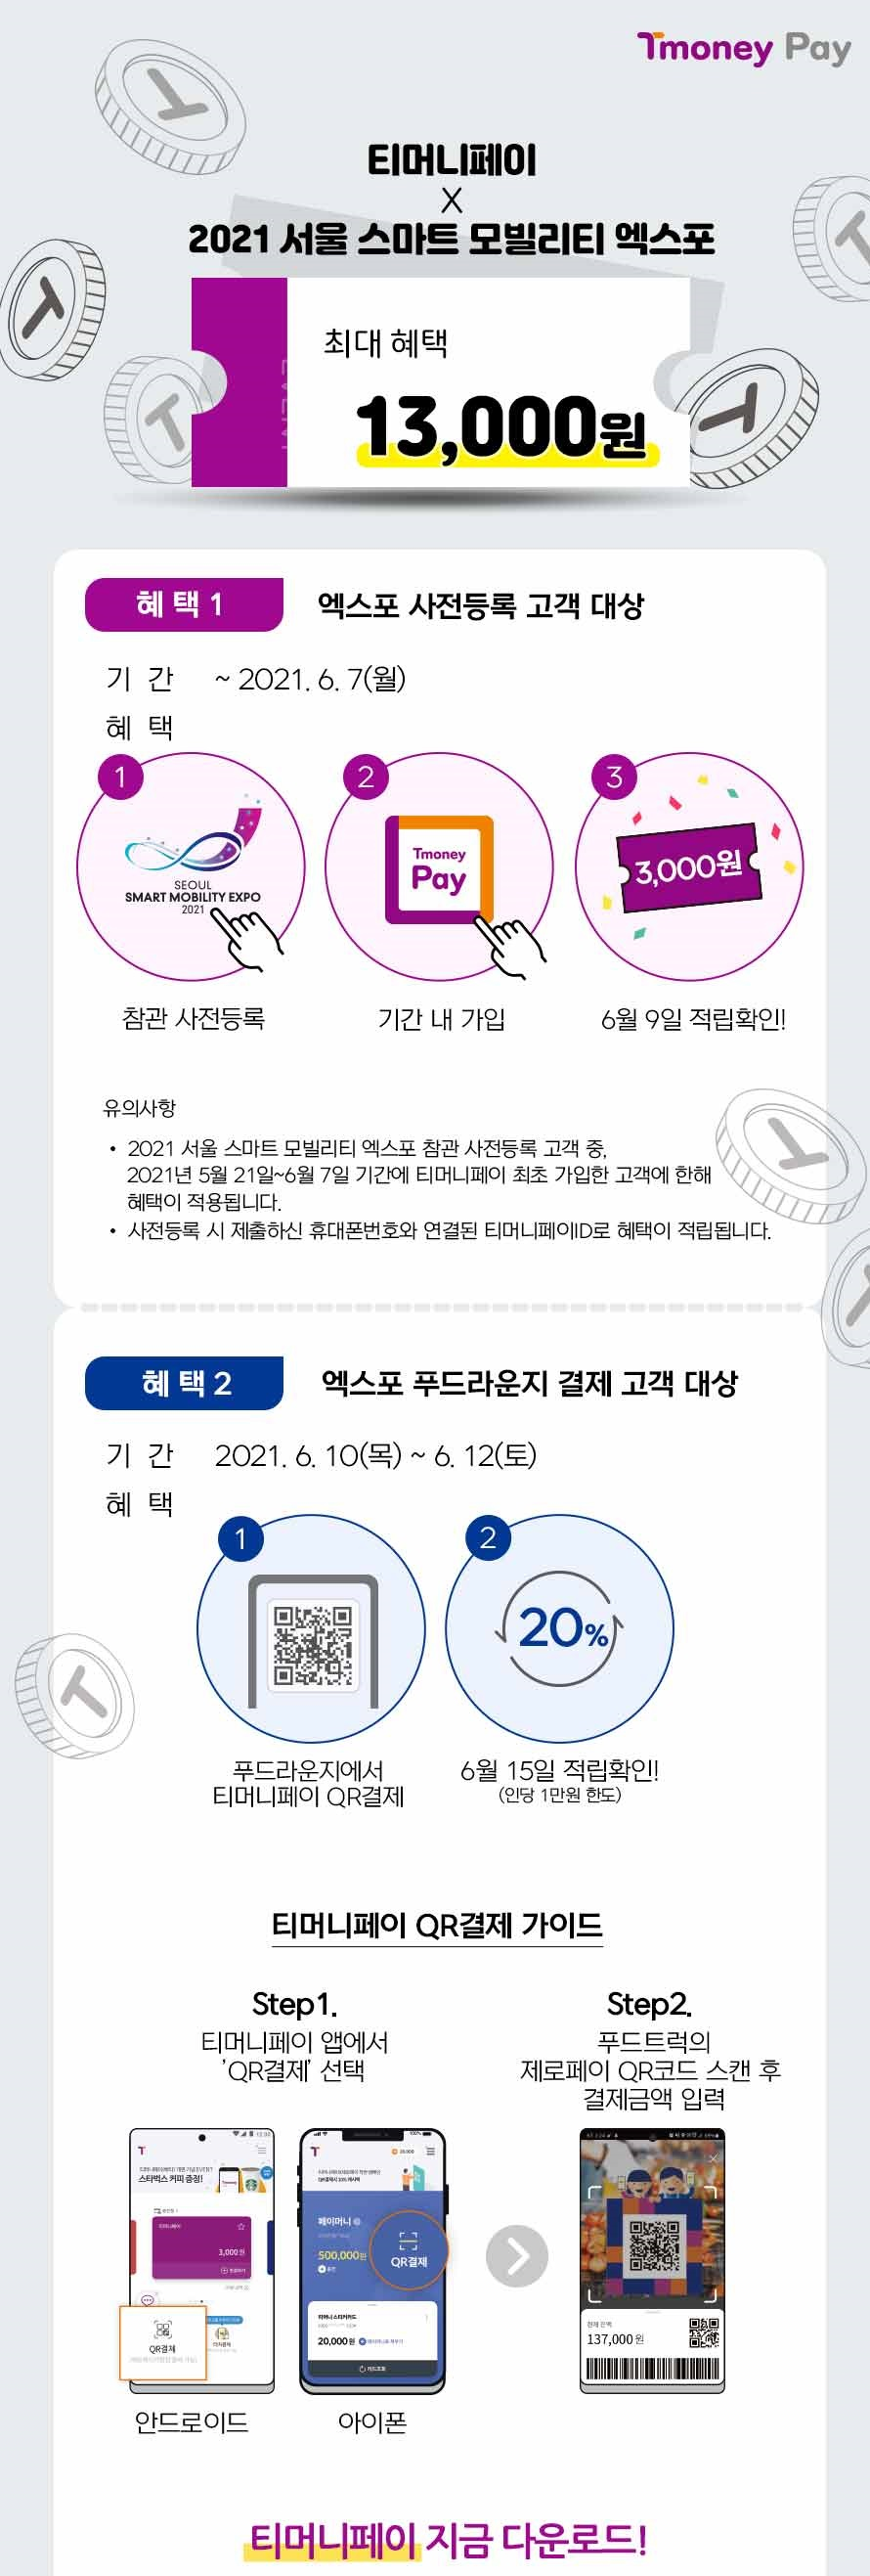 최대 13,000원 헤택 - 티머니페이X 2021 서울 스마트 모빌리티 엑스포 이벤트